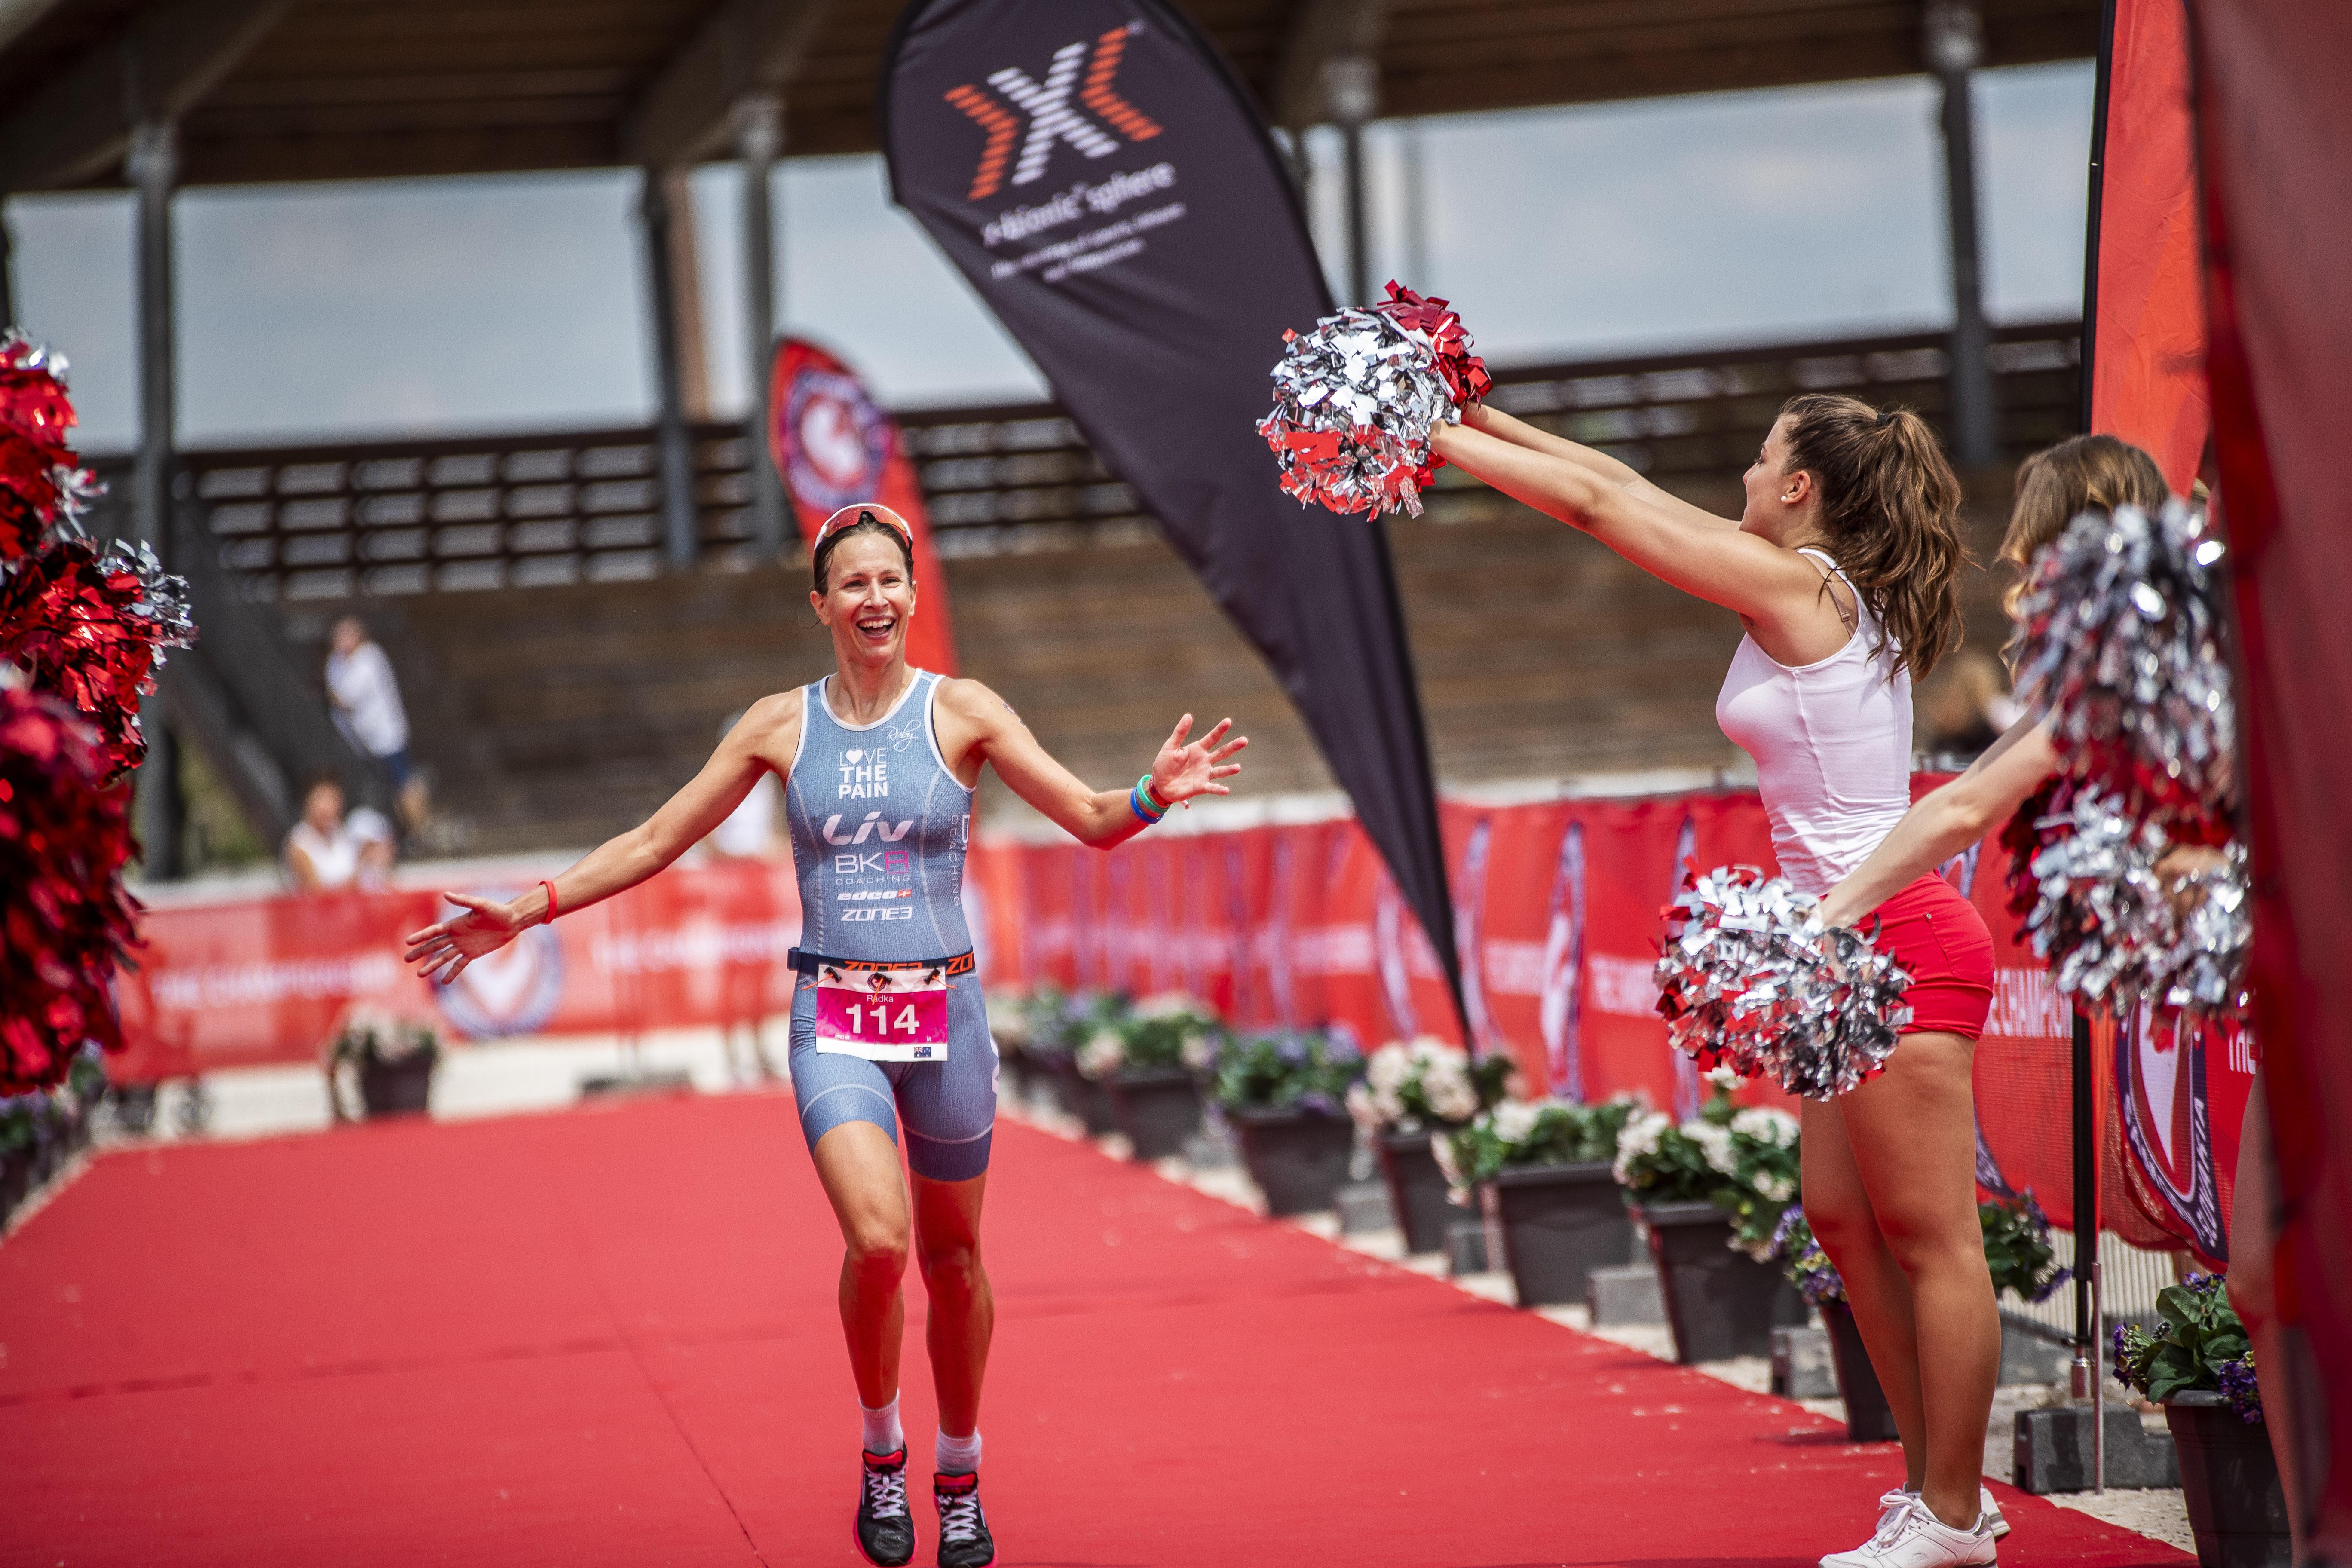 triatlonove-hvezdy-i-amatersti-nadsenci-pomeri-sily-uz-tento-vikend-na-zavodu-ford-challengeprague